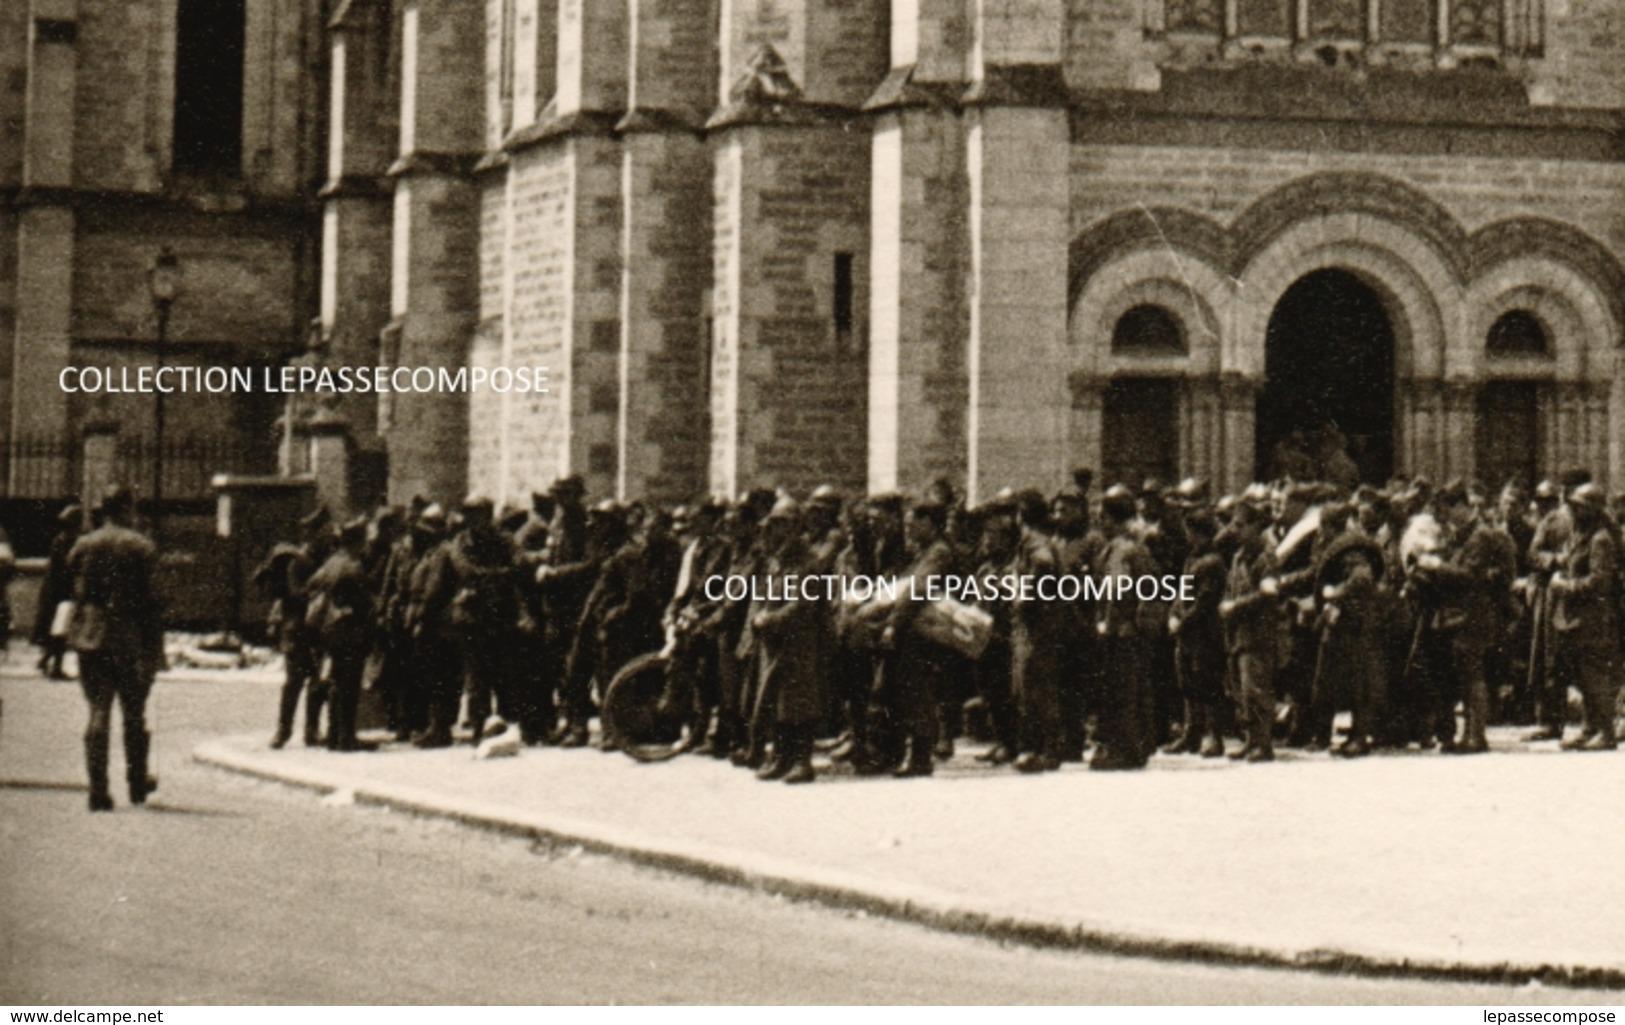 INEDIT BRIARE - JUIN 1940 - RASSEMBLEMENT SUR LE PARVIS DE L' EGLISE DES SOLDATS FRANCAIS PRISONNIERS DES ALLEMANDS - Briare